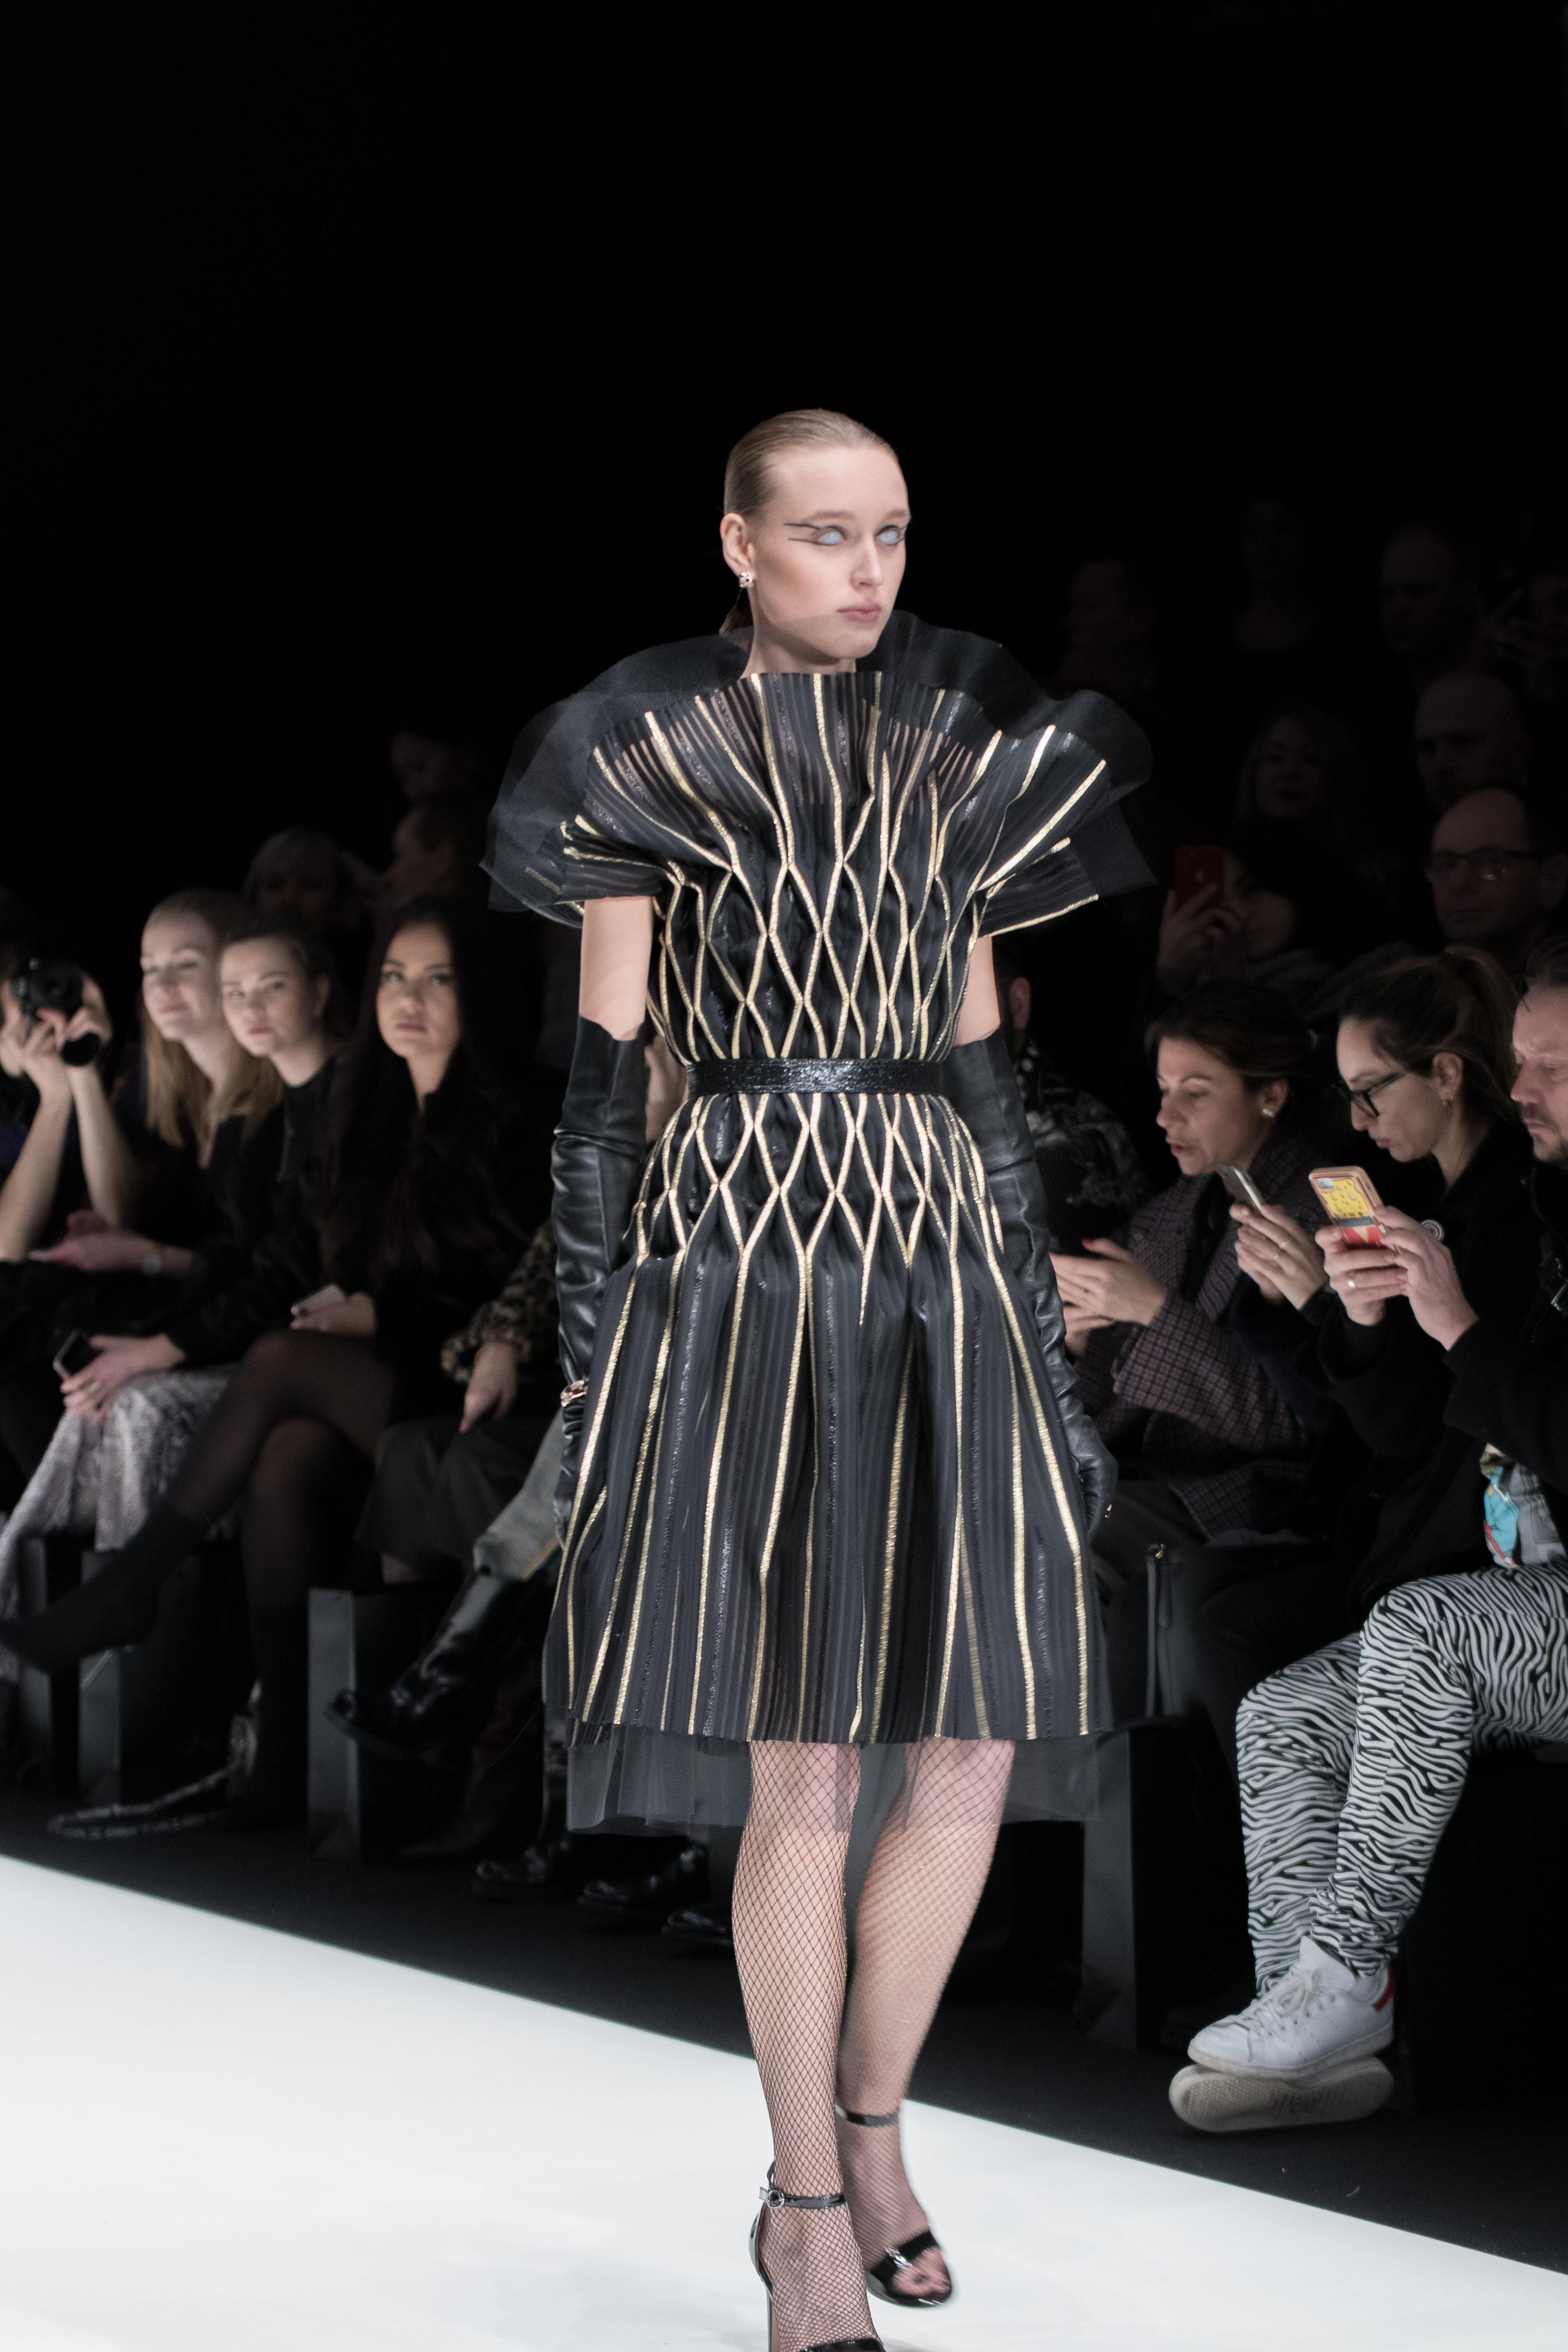 Berlin Fashion Week 2019 Irene Luft Enkeda